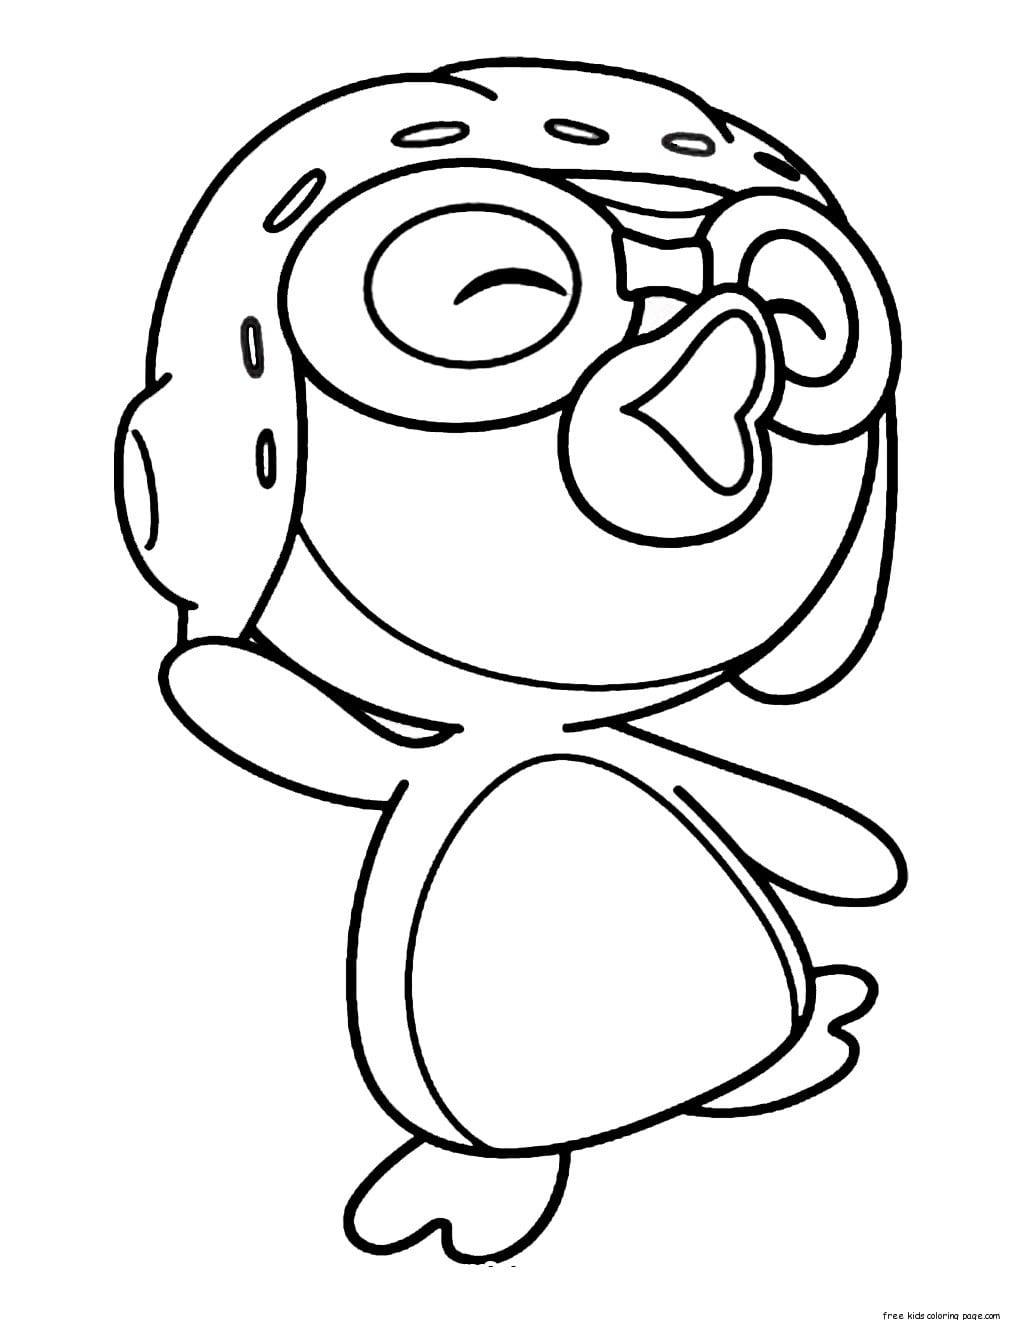 Desenhos De Pororo O Pequeno Pinguim Para Colorir, Pintar